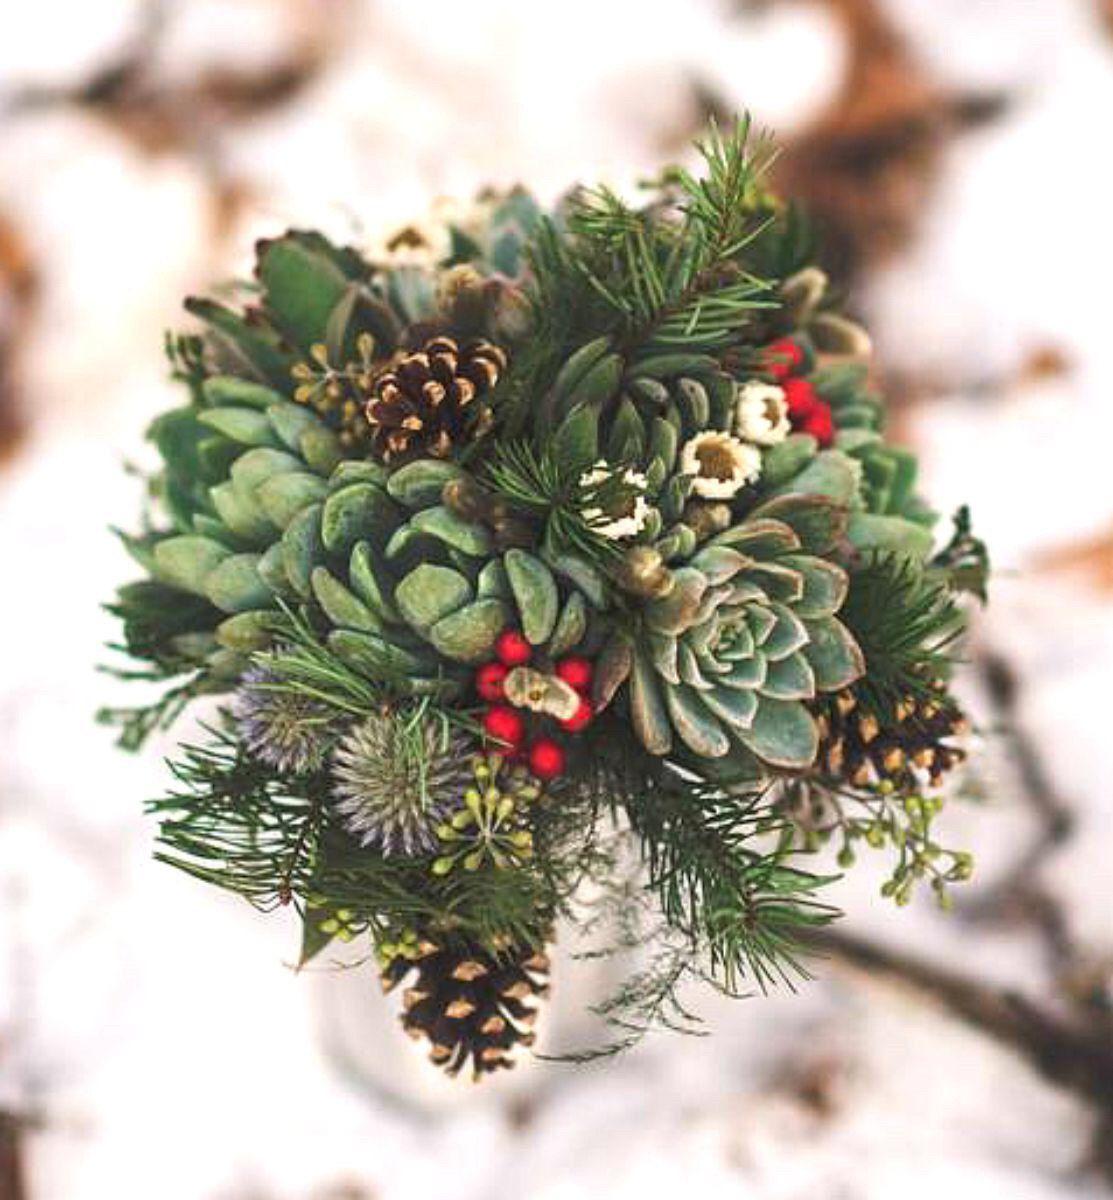 succulent in winter